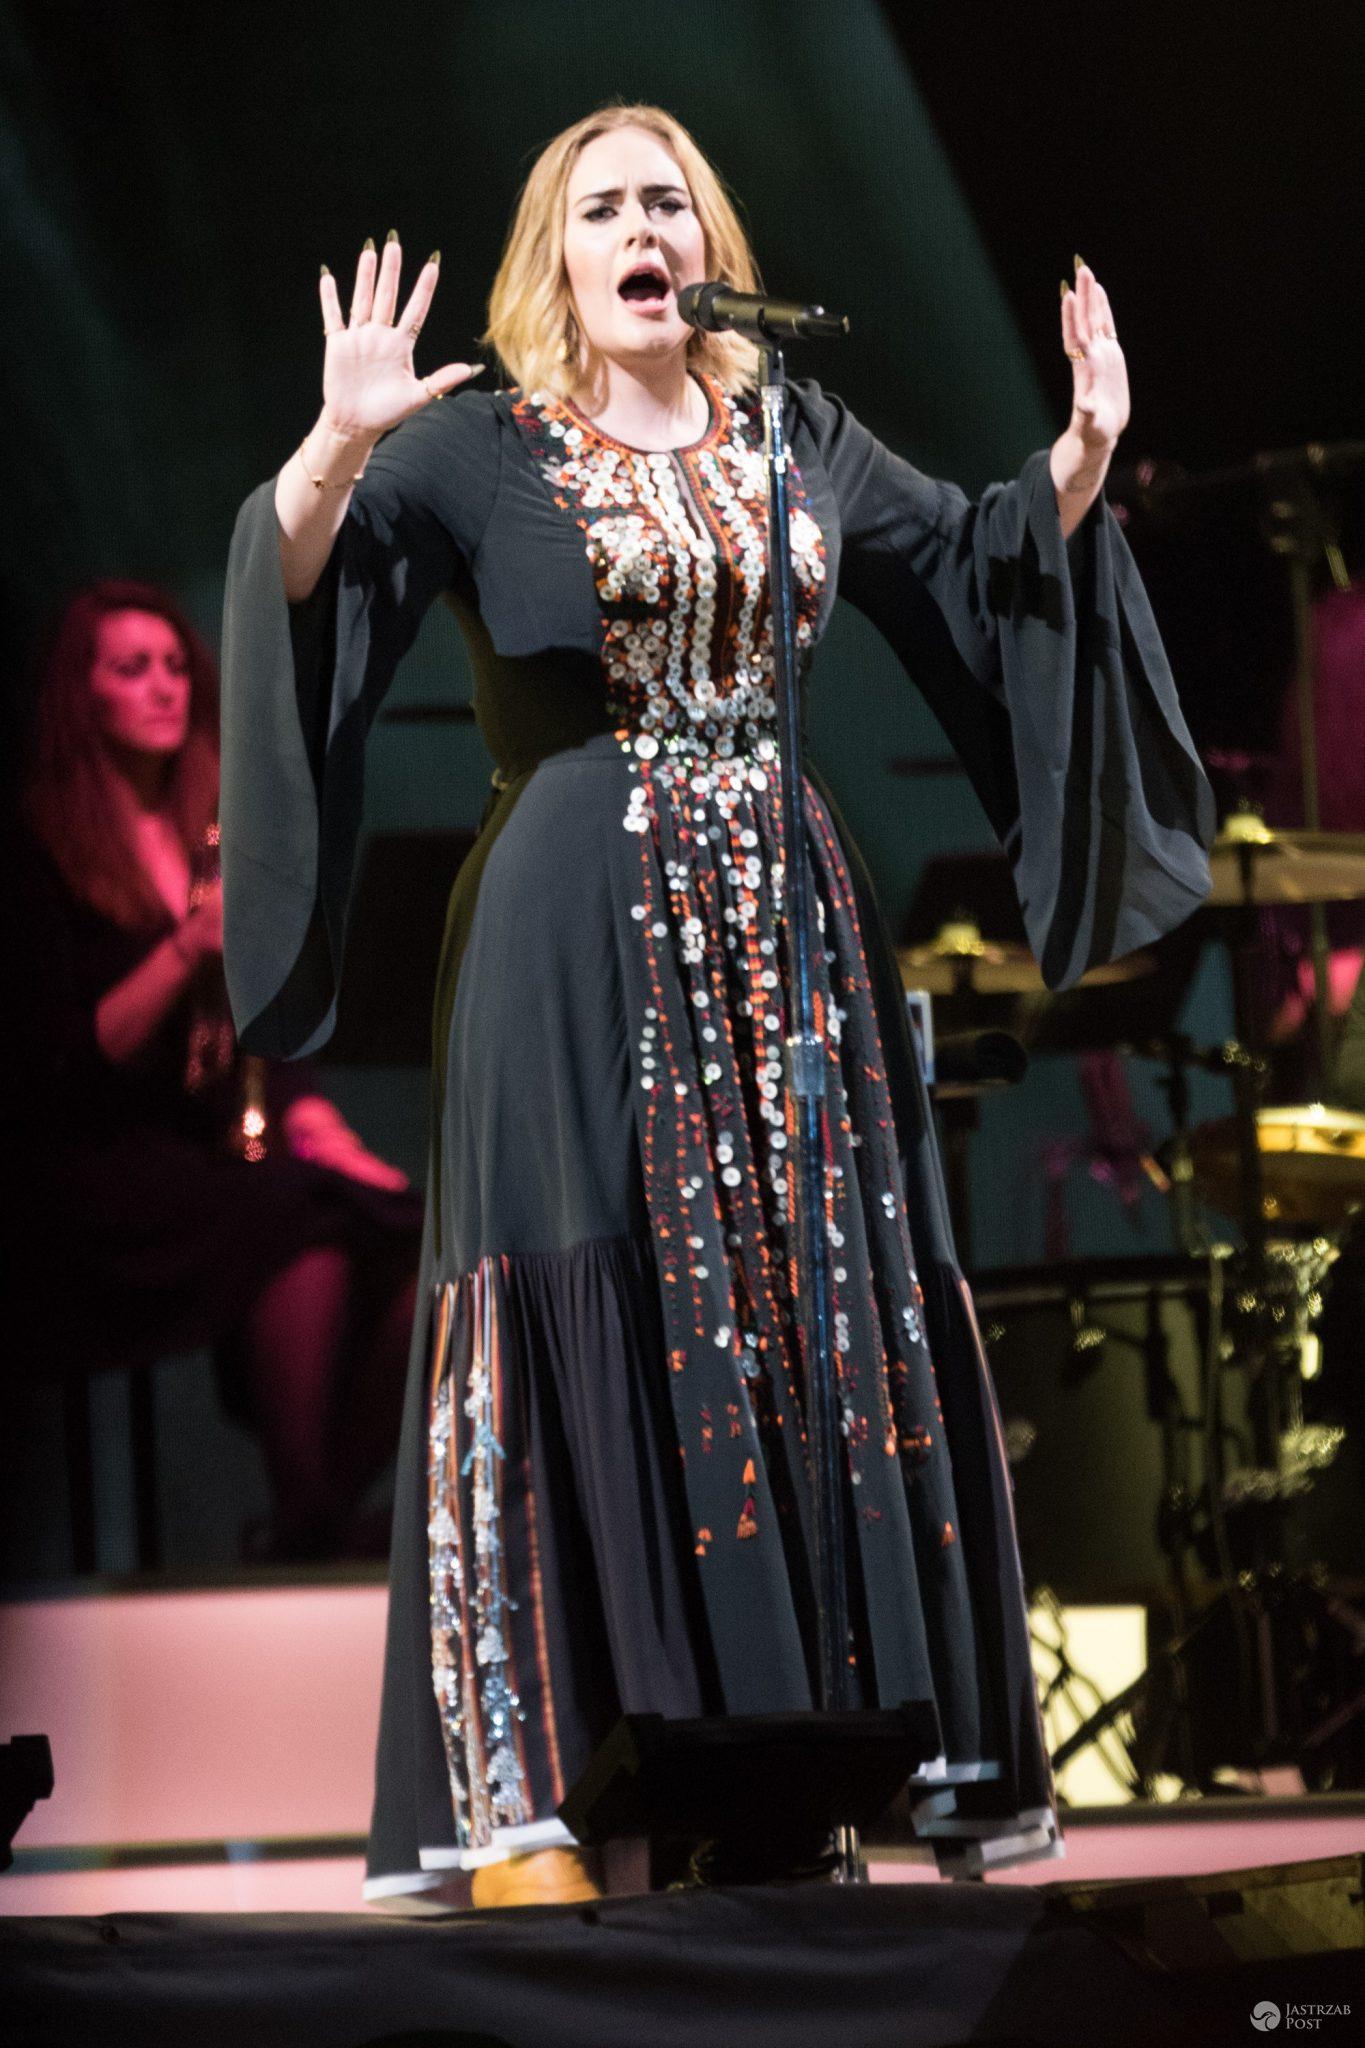 występ Adele na Glastonbury 2016